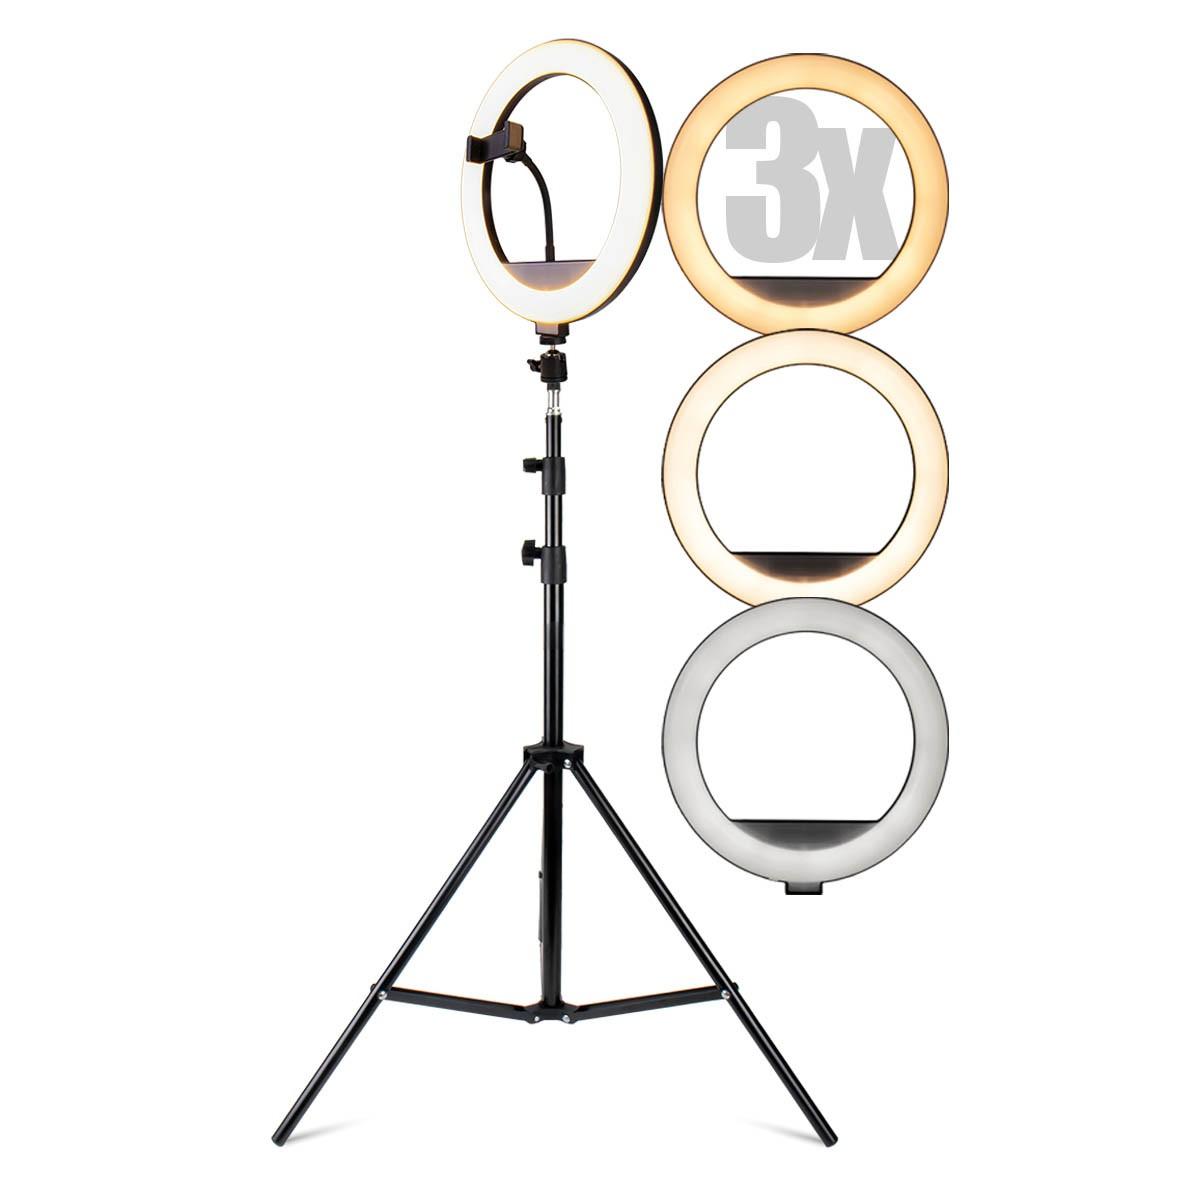 KIT 3x Iluminador Ring Light 12 Polegadas LED Dimerizável com Ajuste de Intensidade e Suporte de Celular + Tripé de 2,10 metros